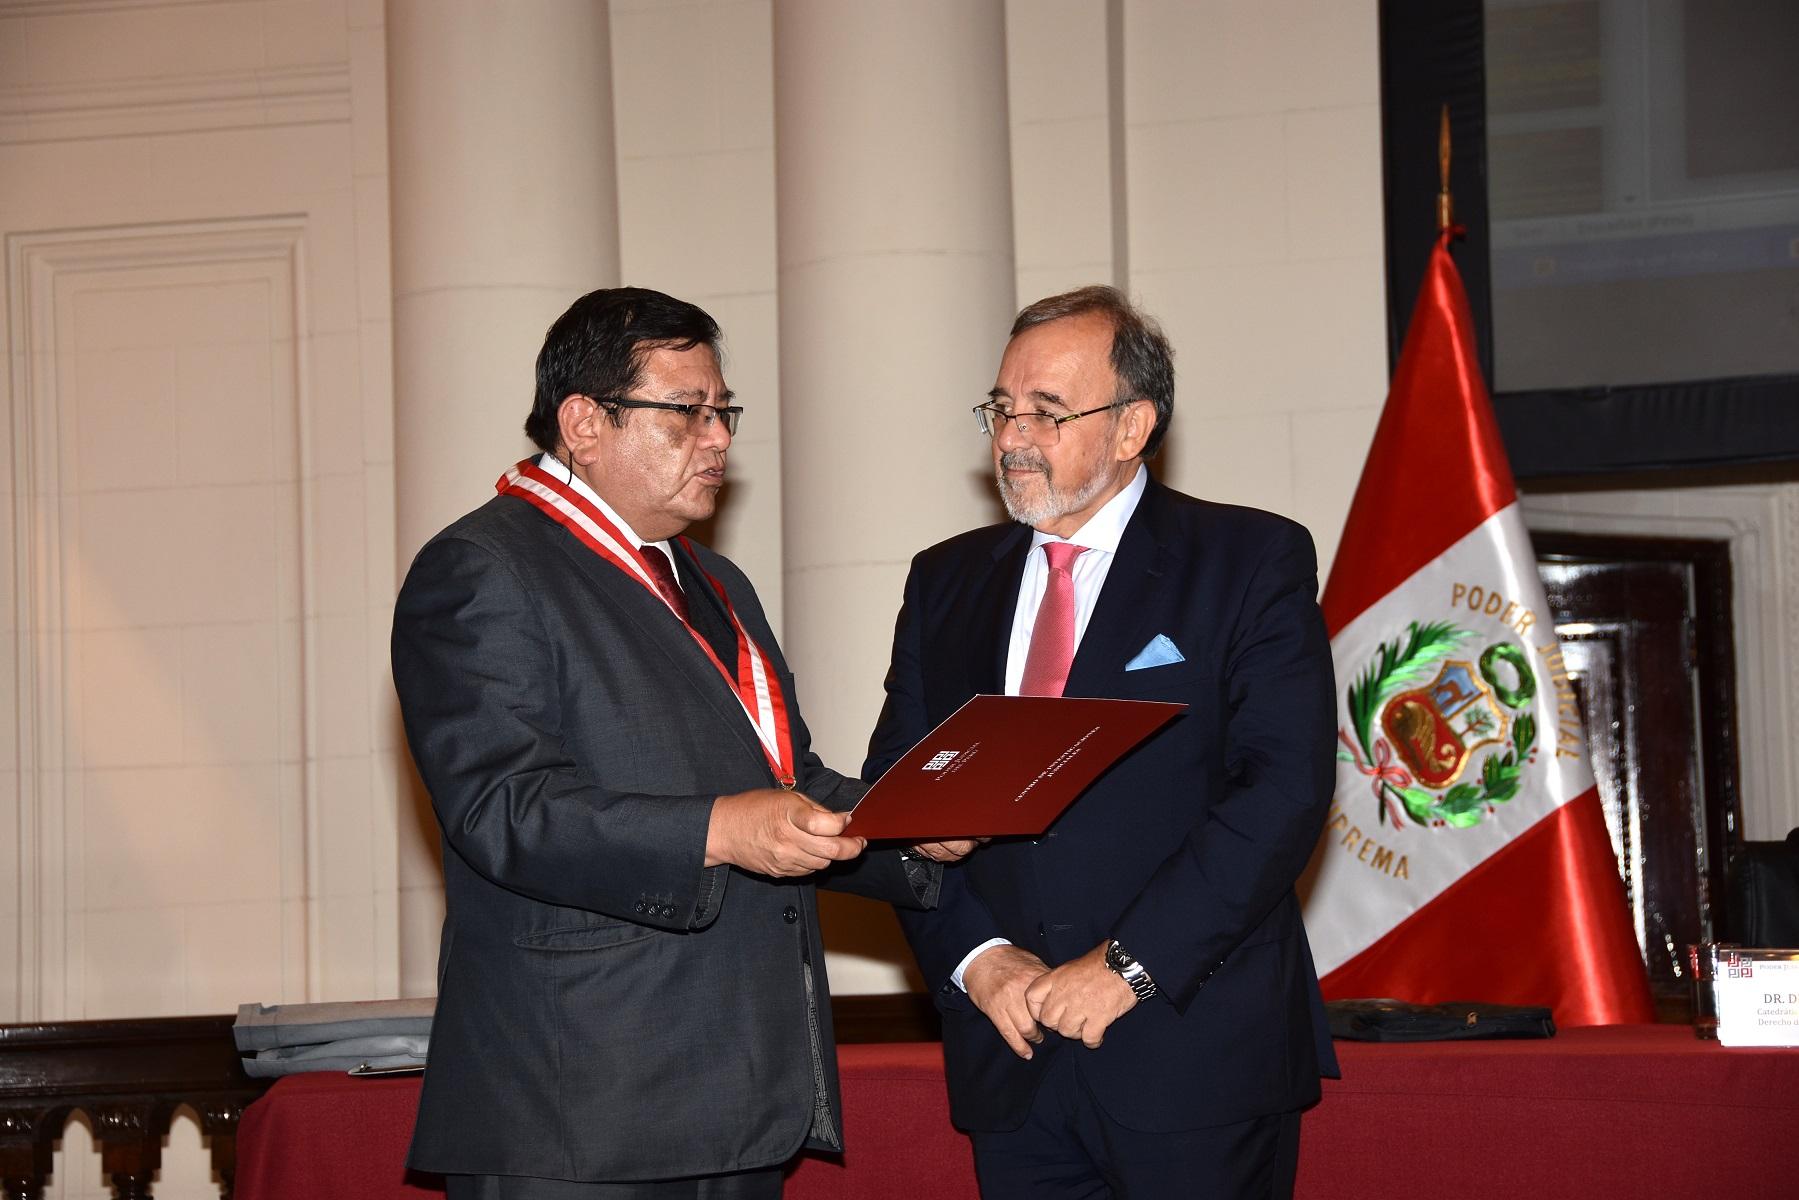 2016-10-6 CSJ Peru39, JuezSupremo JSalas entrega reconoc a DL 2300